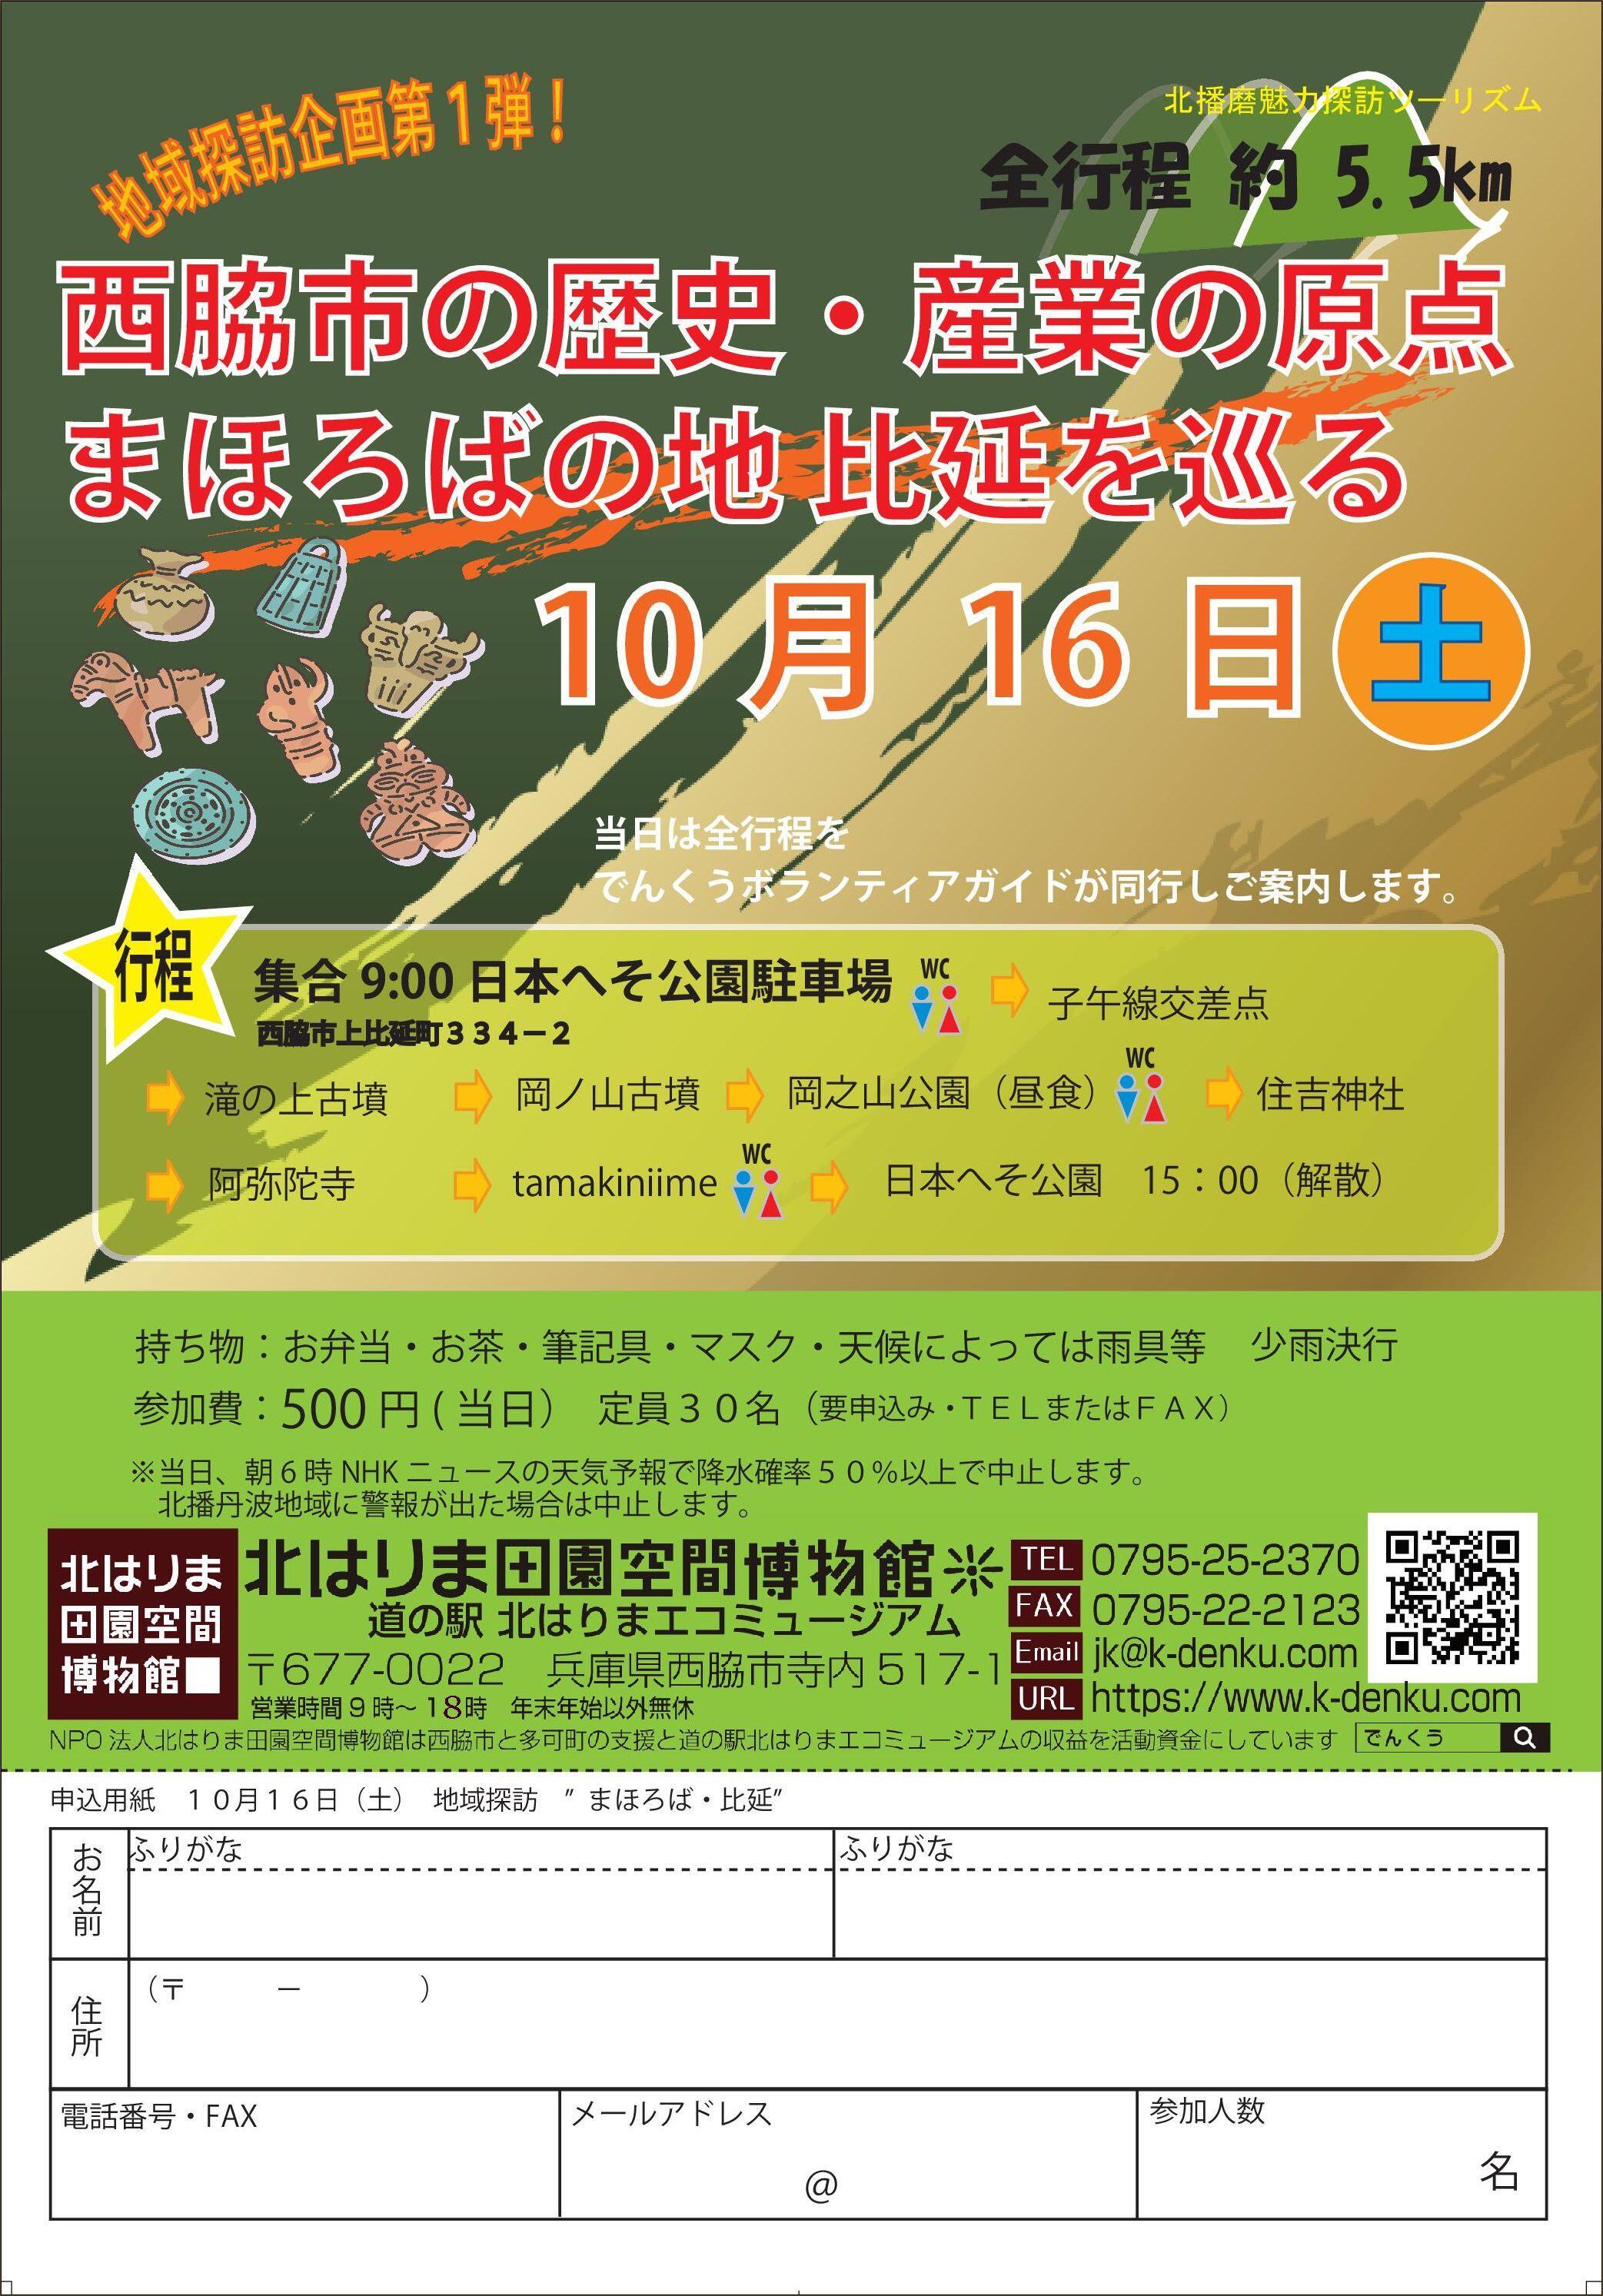 10/16 まほろばの地 比延を巡る:日本へそ公園駐車場集合